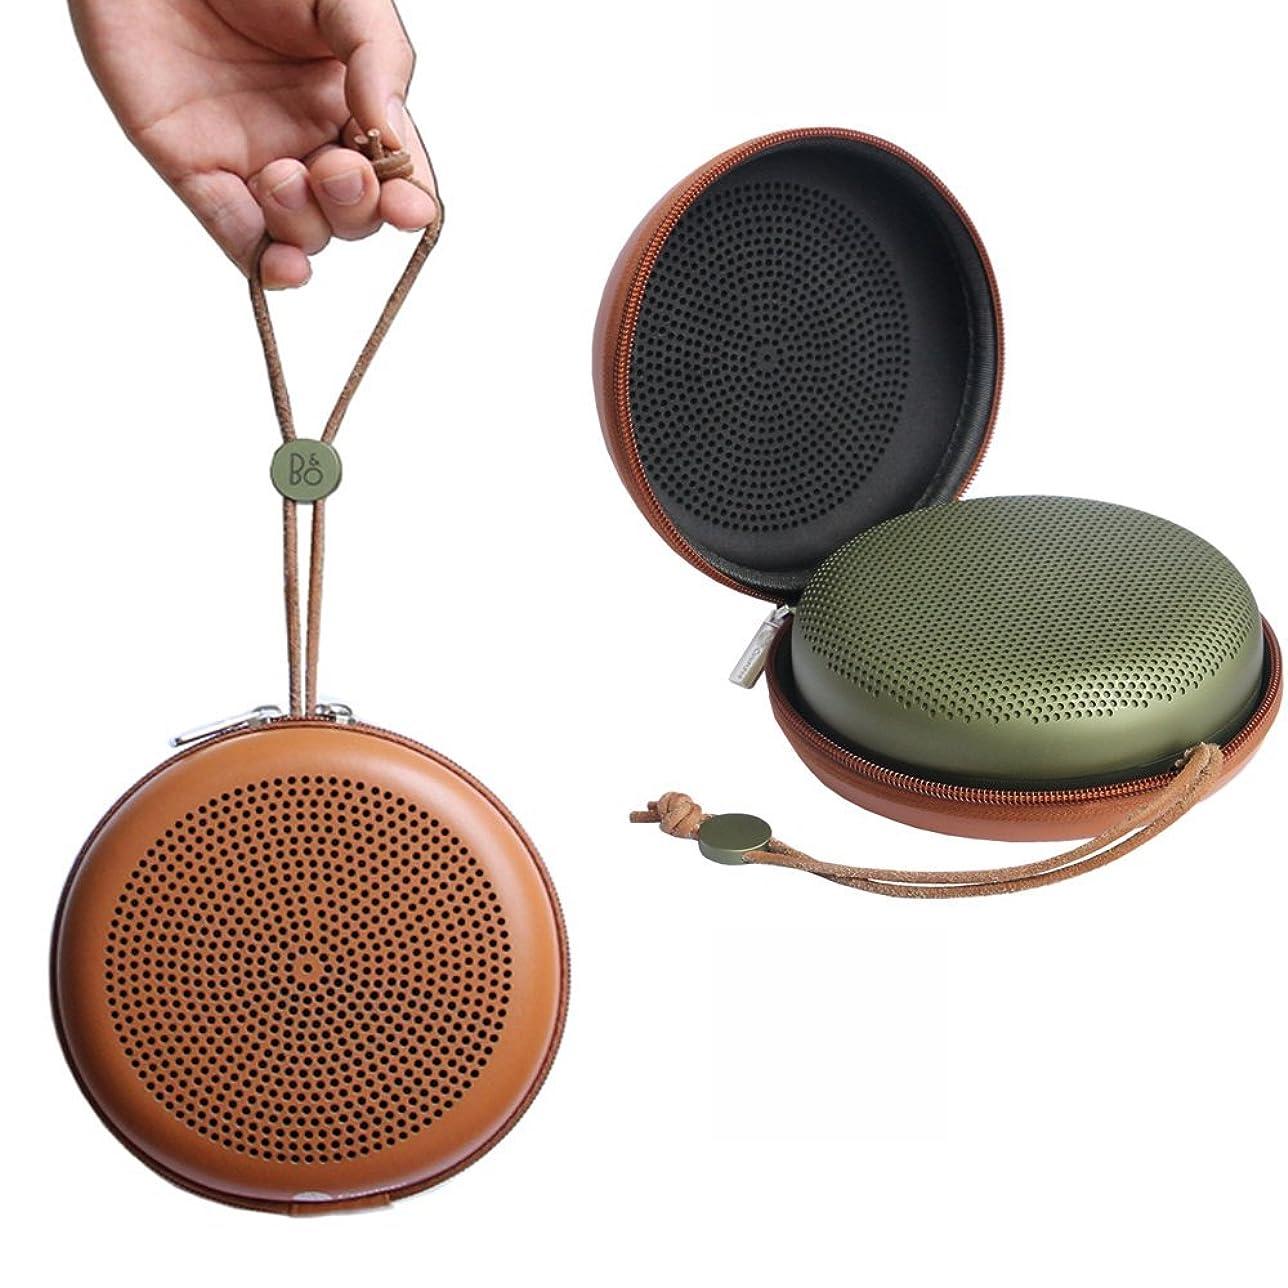 不従順ペイントできたNiceCool B&O play BeoPlay A1 ワイヤレススピーカー Bluetooth対応 ナチュラル BeoPlay A1 のBluetoothスピーカー用のハードEVA保護ポーチバッグケースカバーをカスタム設計 (ブラウン)